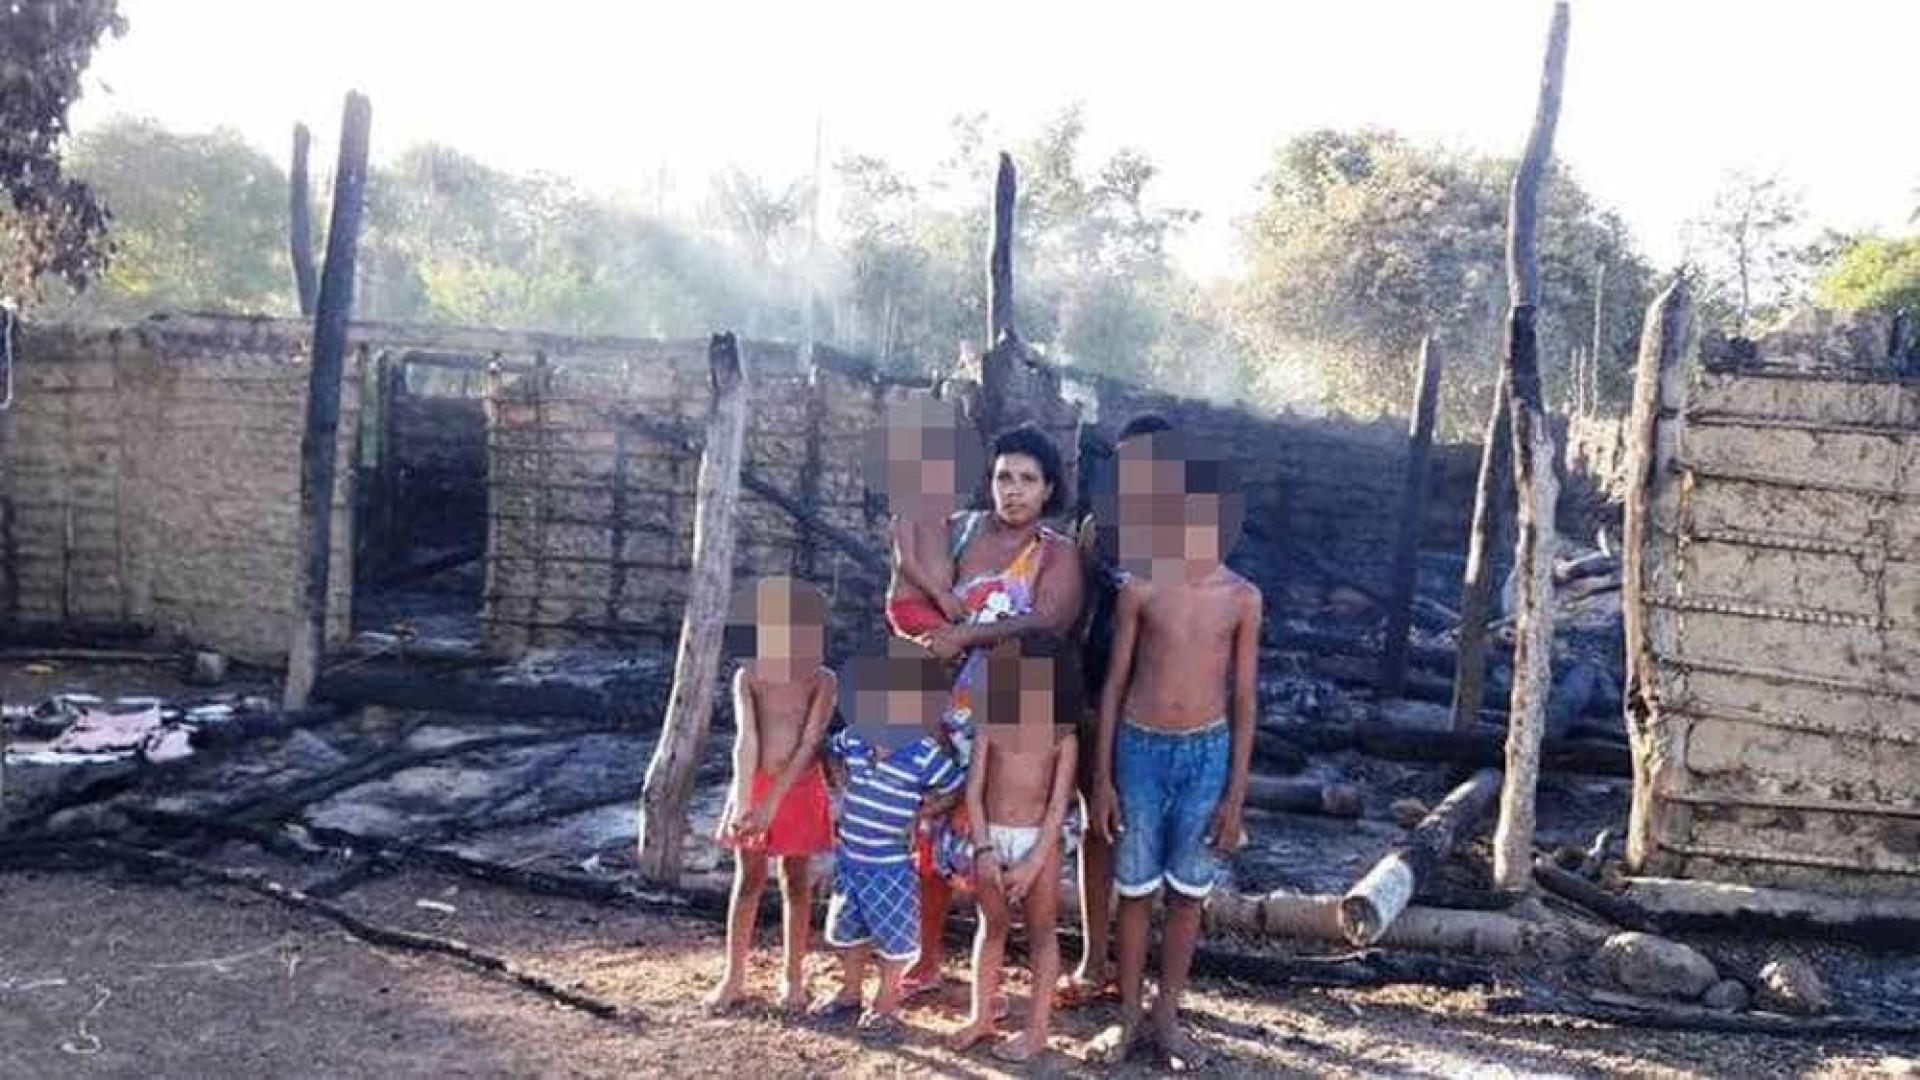 Viúva perde casa onde morava com  10 filhos e pais após incêndio